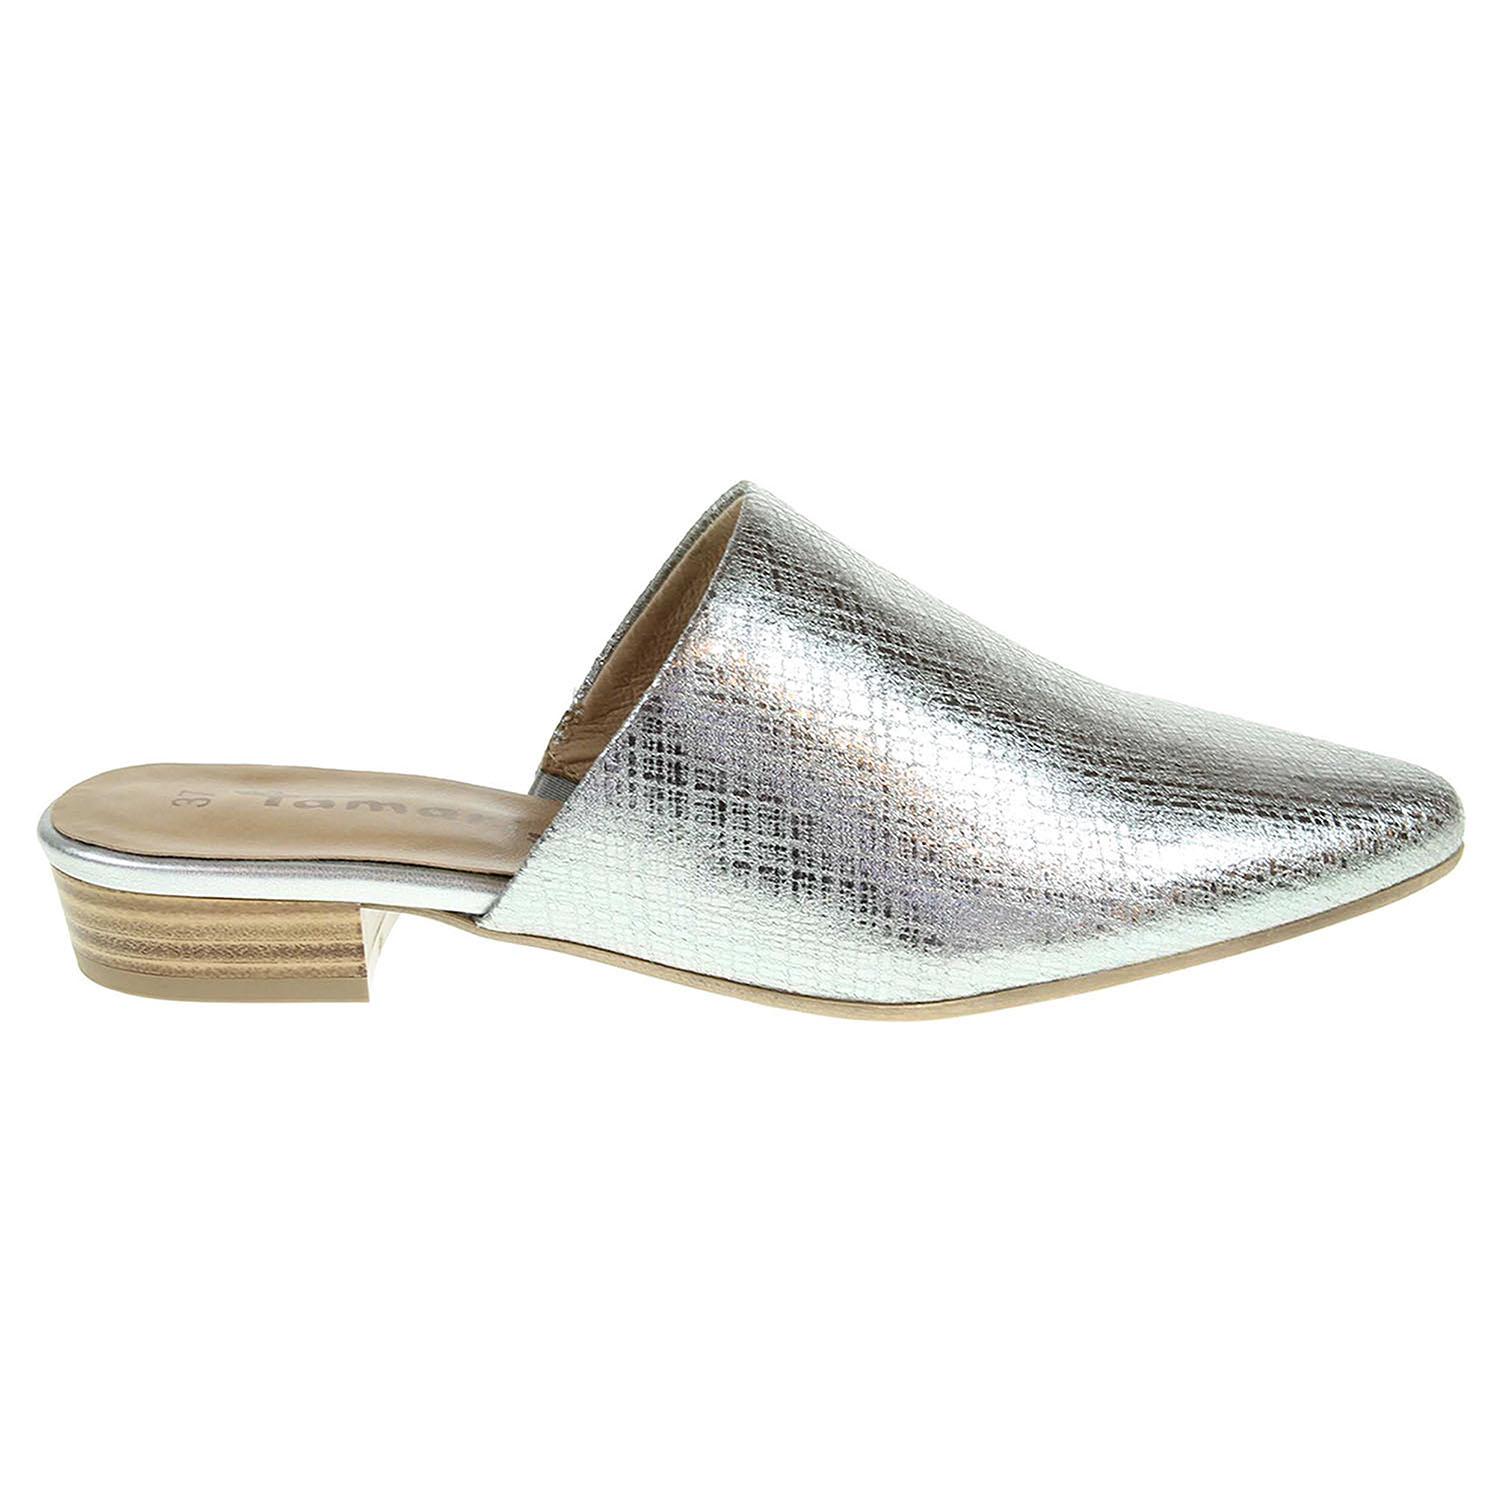 Ecco Tamaris dámské pantofle 1-27304-38 stříbrné 23600787